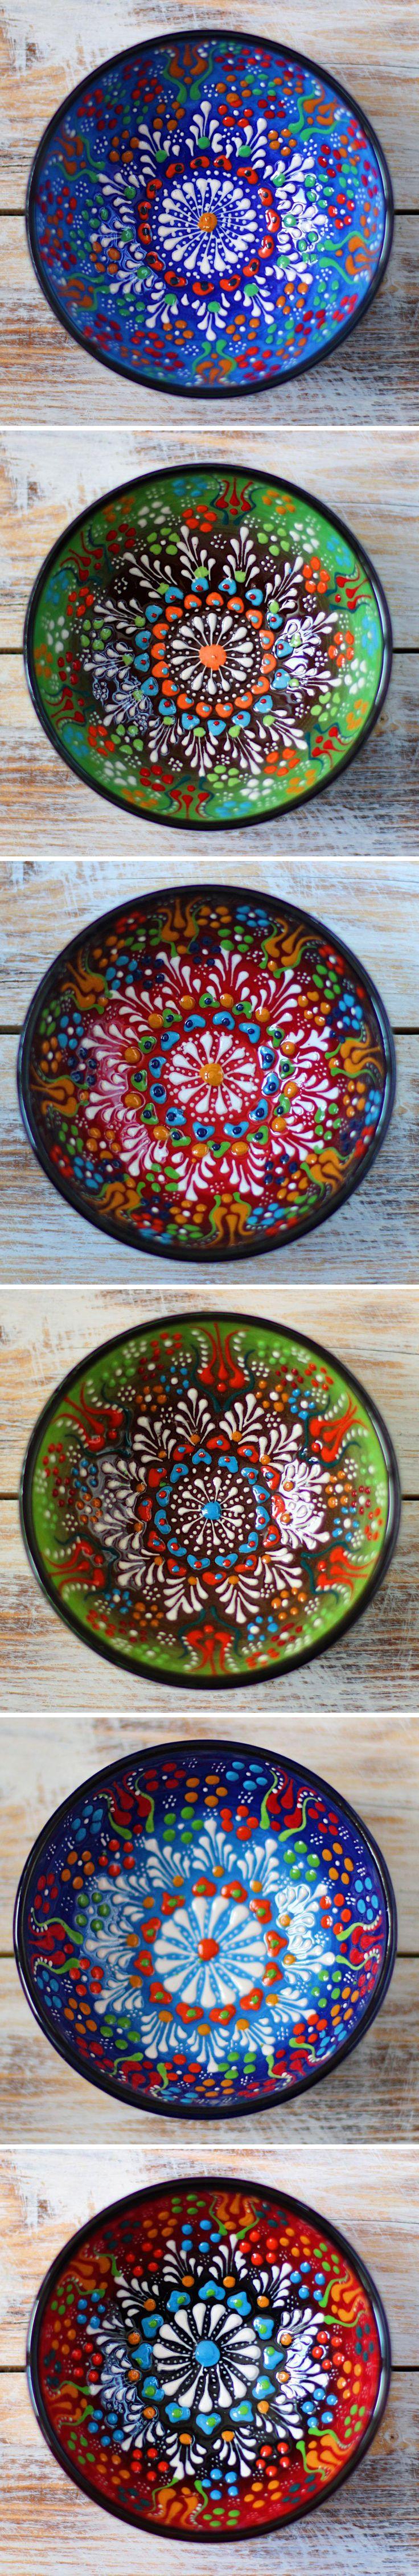 Ceramic Plates | Керамика ручной работы в магазине: https://www.livemaster.ru/marina-homeware — Купить, заказать, керамика, тарелка, ручная работа, роспись